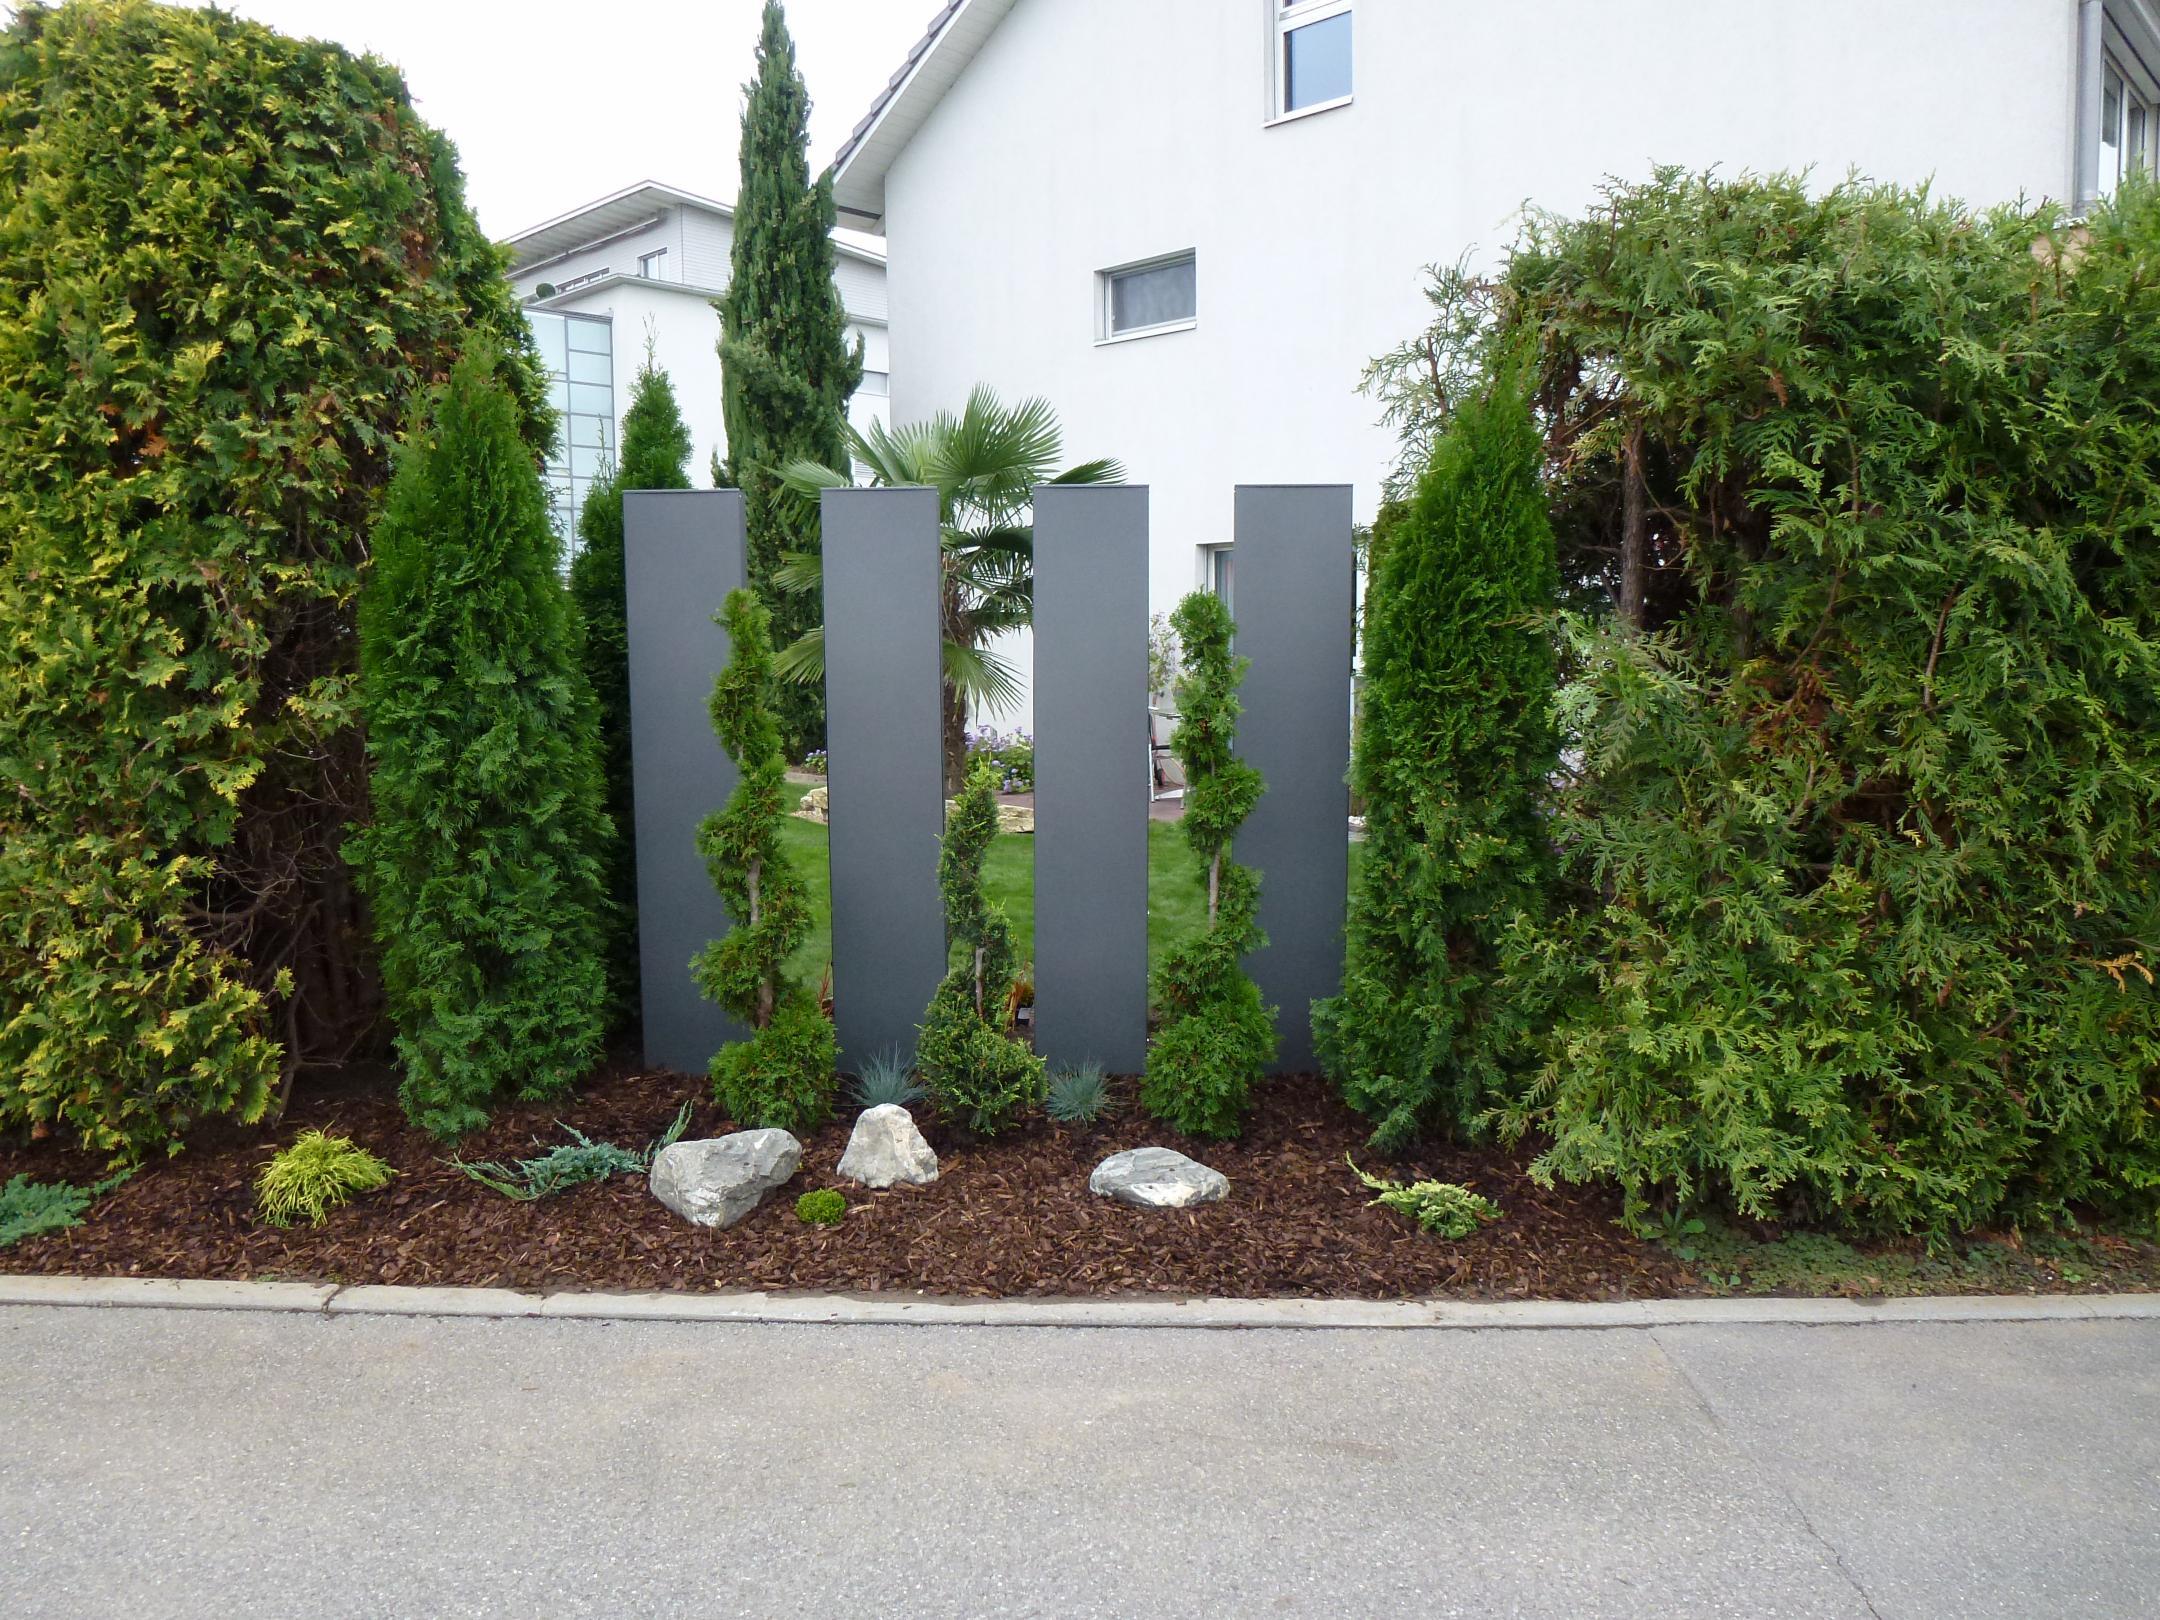 Stele aus metall - Sichtschutzwand metall ...